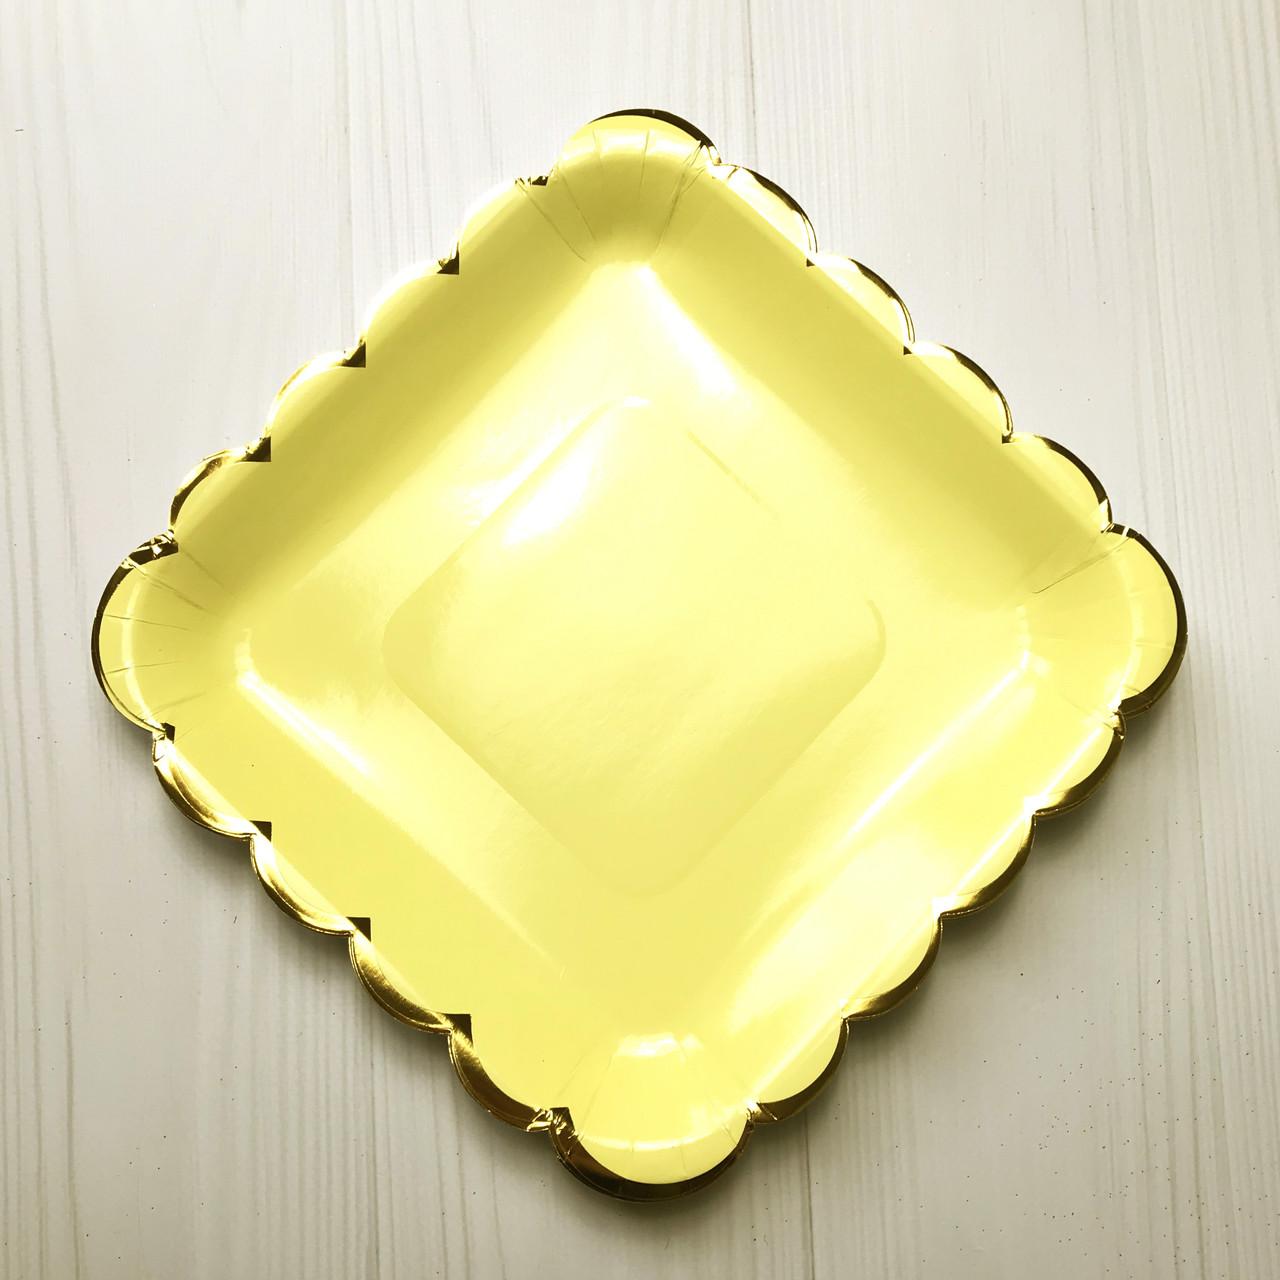 Тарелки квадратные желтые Тренд